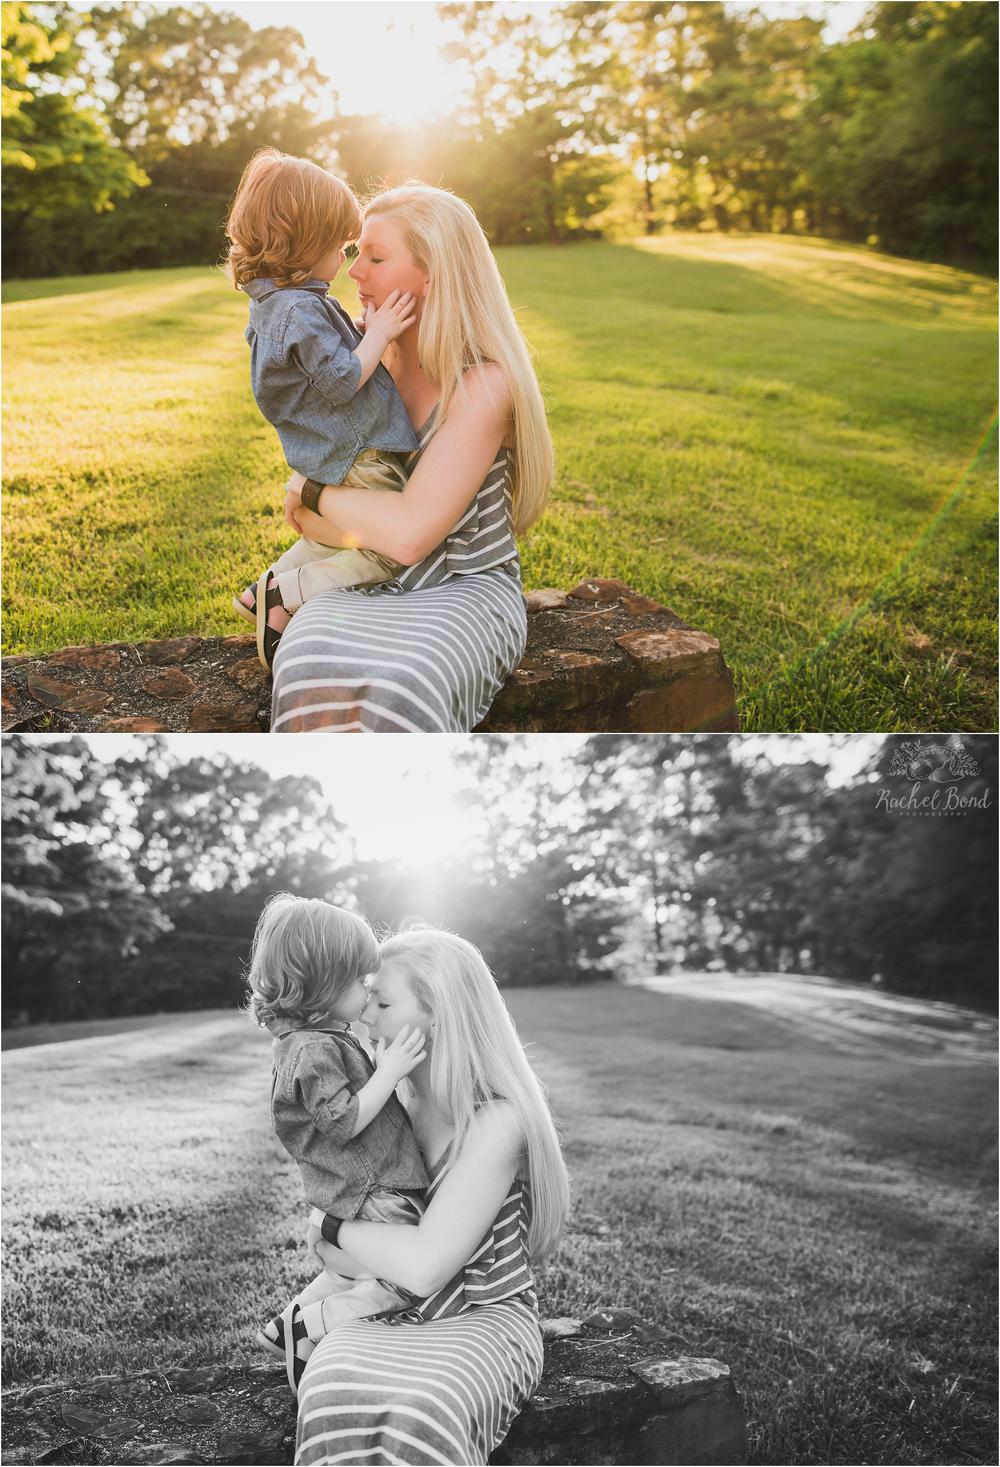 Rachel-Bond-Birmingham-AL-Children-Photographer-48.jpg